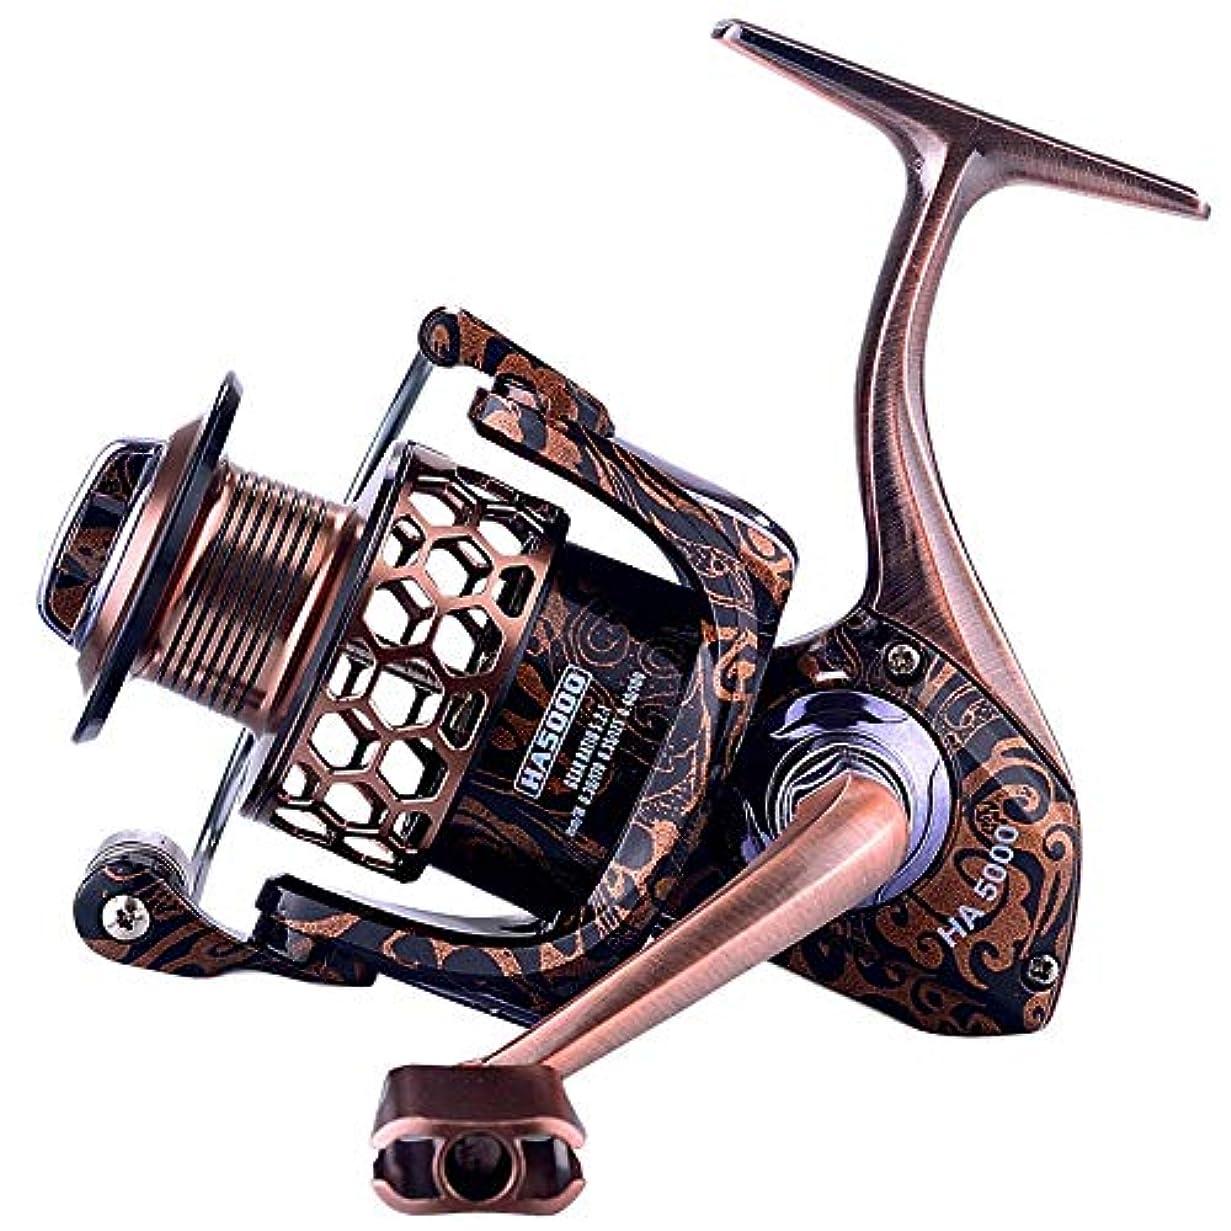 投資する調和のとれた間違っている釣りリール レトロな光と滑らかな釣りリールラフ 釣りセット 初心者 釣り竿 リール セッロッ (Color : Gold, Size : II)